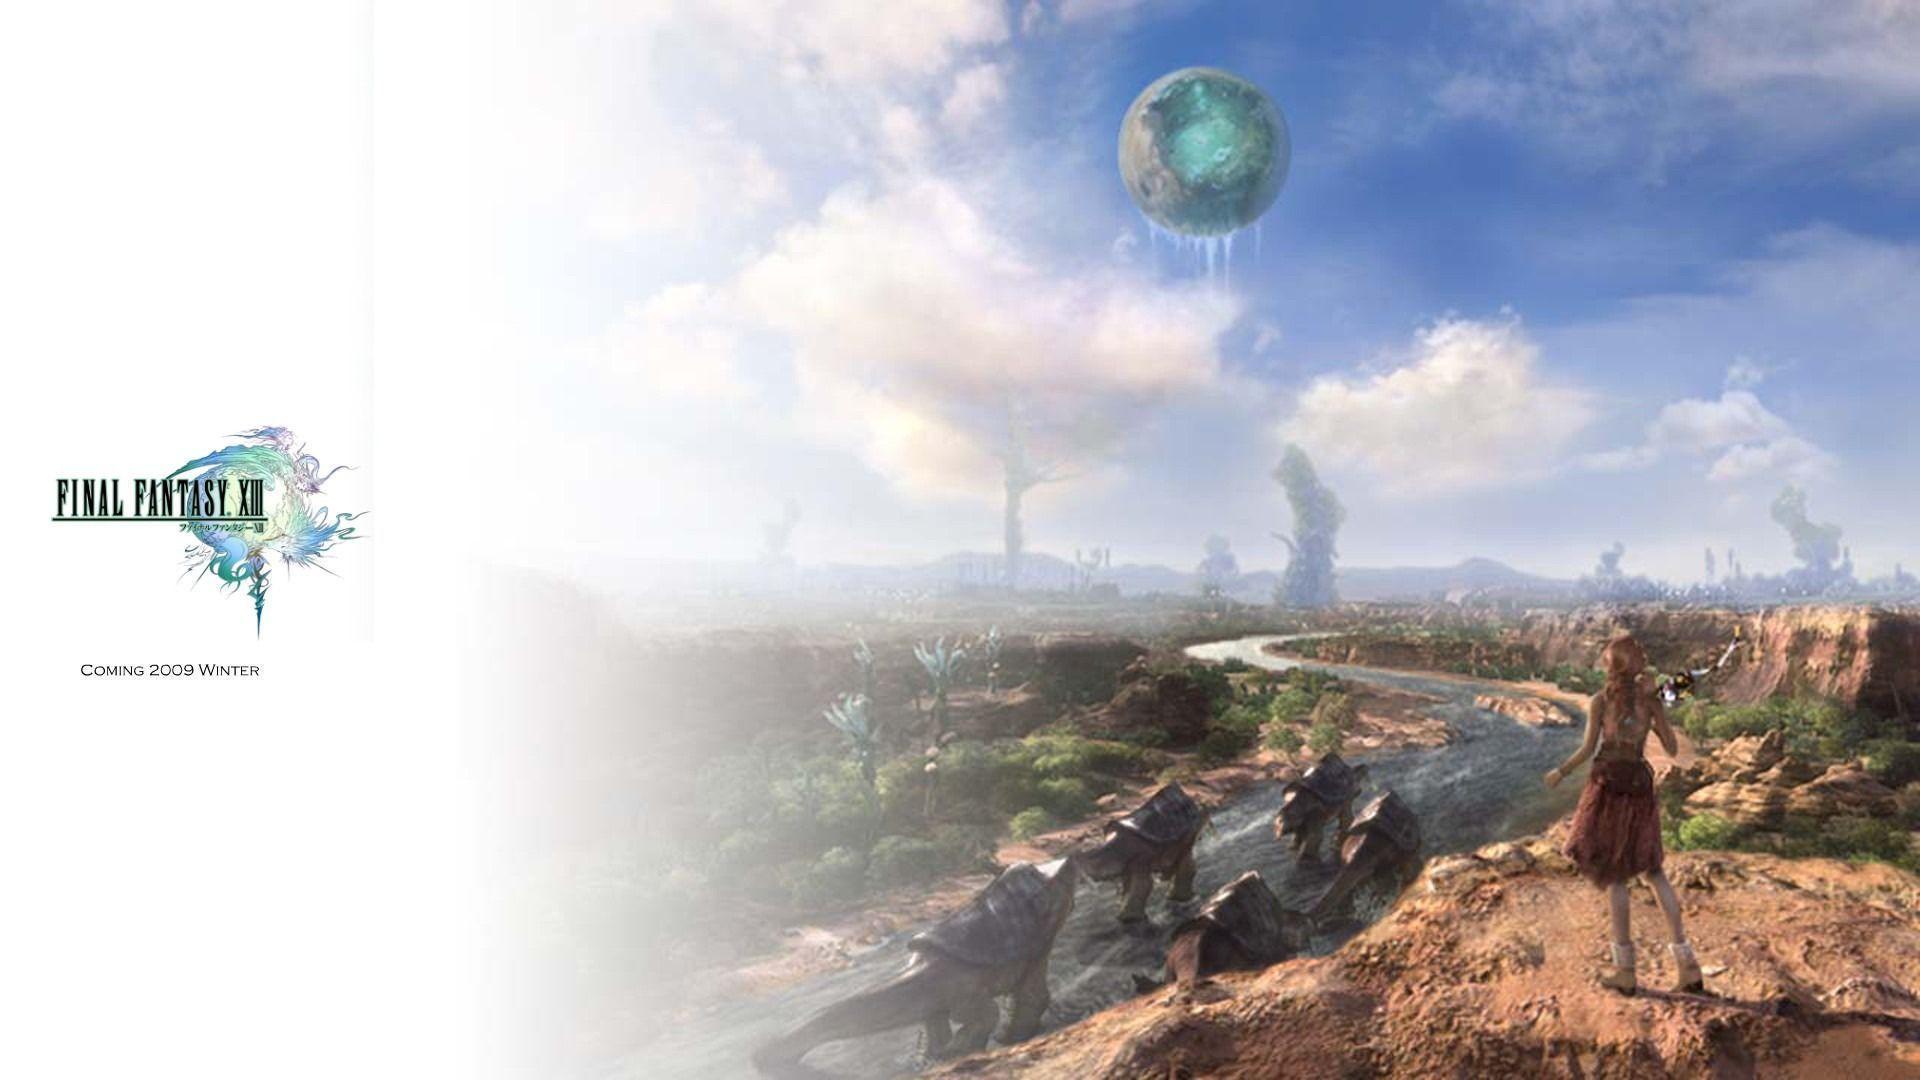 Images For Final Fantasy 13 Landscape